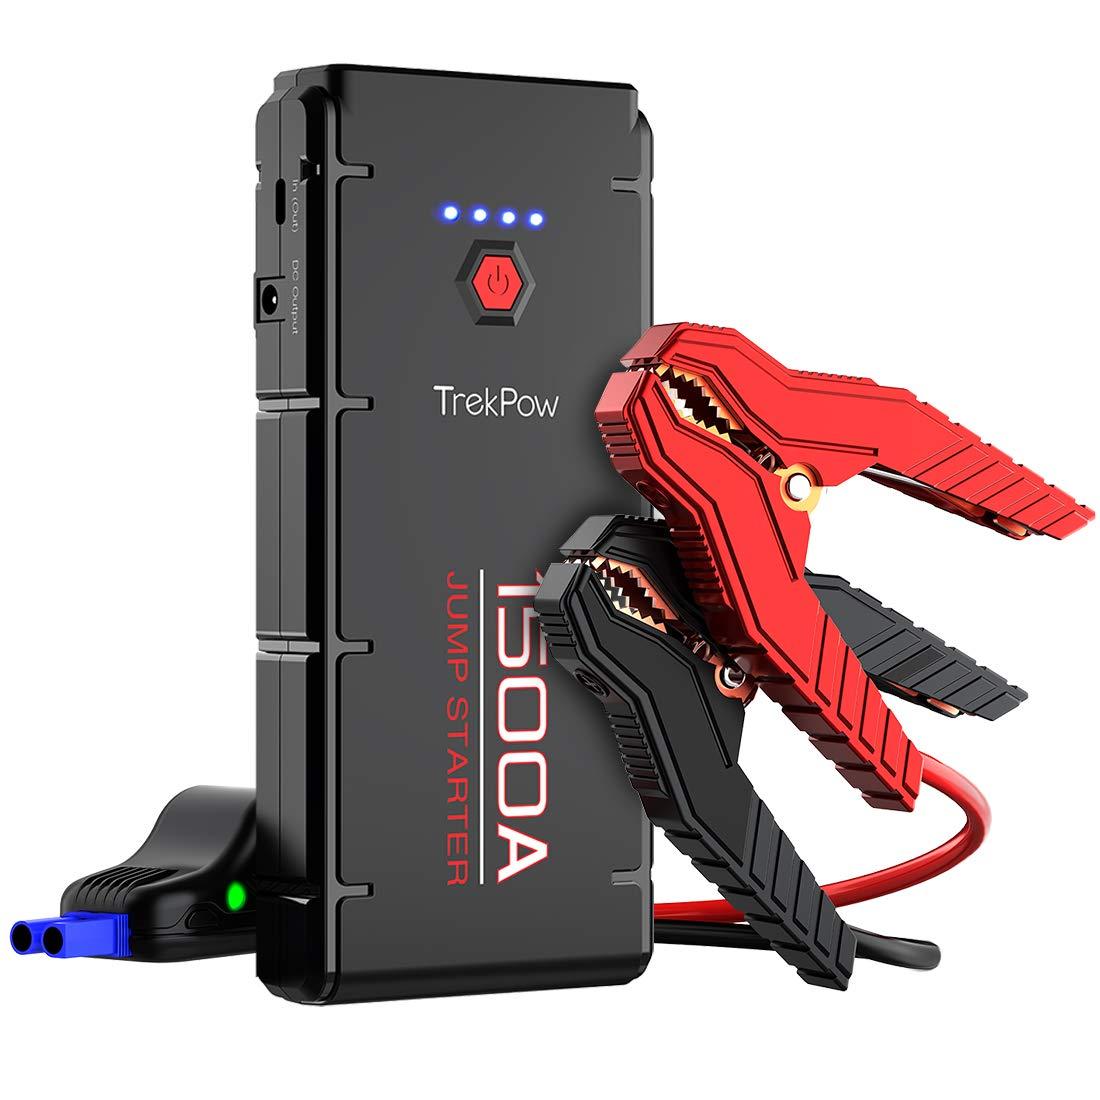 Typ C Auto-Batterie-Booster mit intelligentem kabel f/ür alle Benzin//6.5L Dieselmotoren TrekPow G22 Starthilfe Powerbank 1500A Spitze 3.GenerationmitQDSP DC-Ausgang LED-Taschenlampe